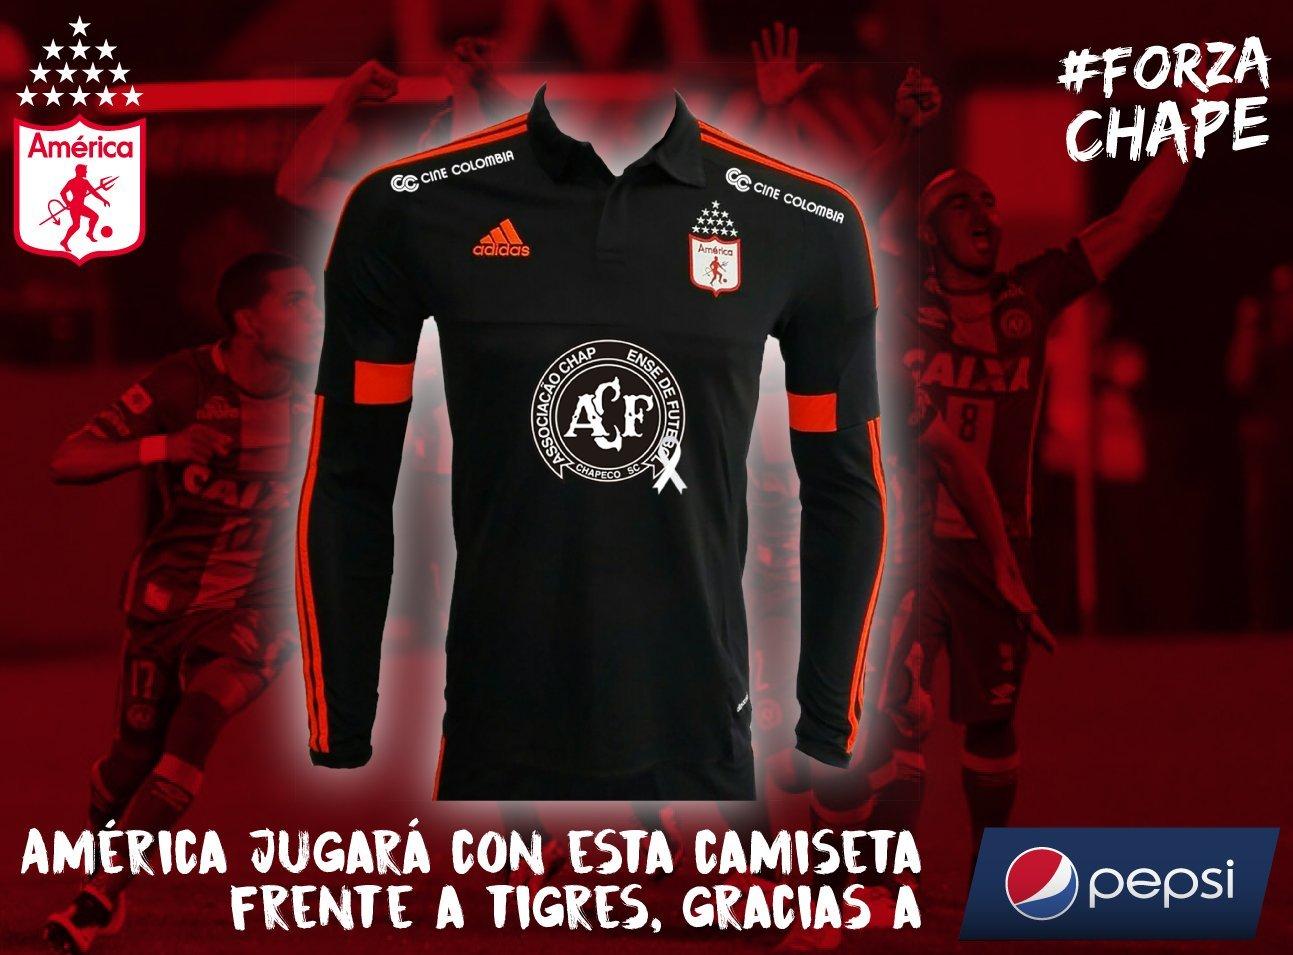 2a51dffa03 América de Cali homenageará a Chapecoense em sua camisa - Testando ...